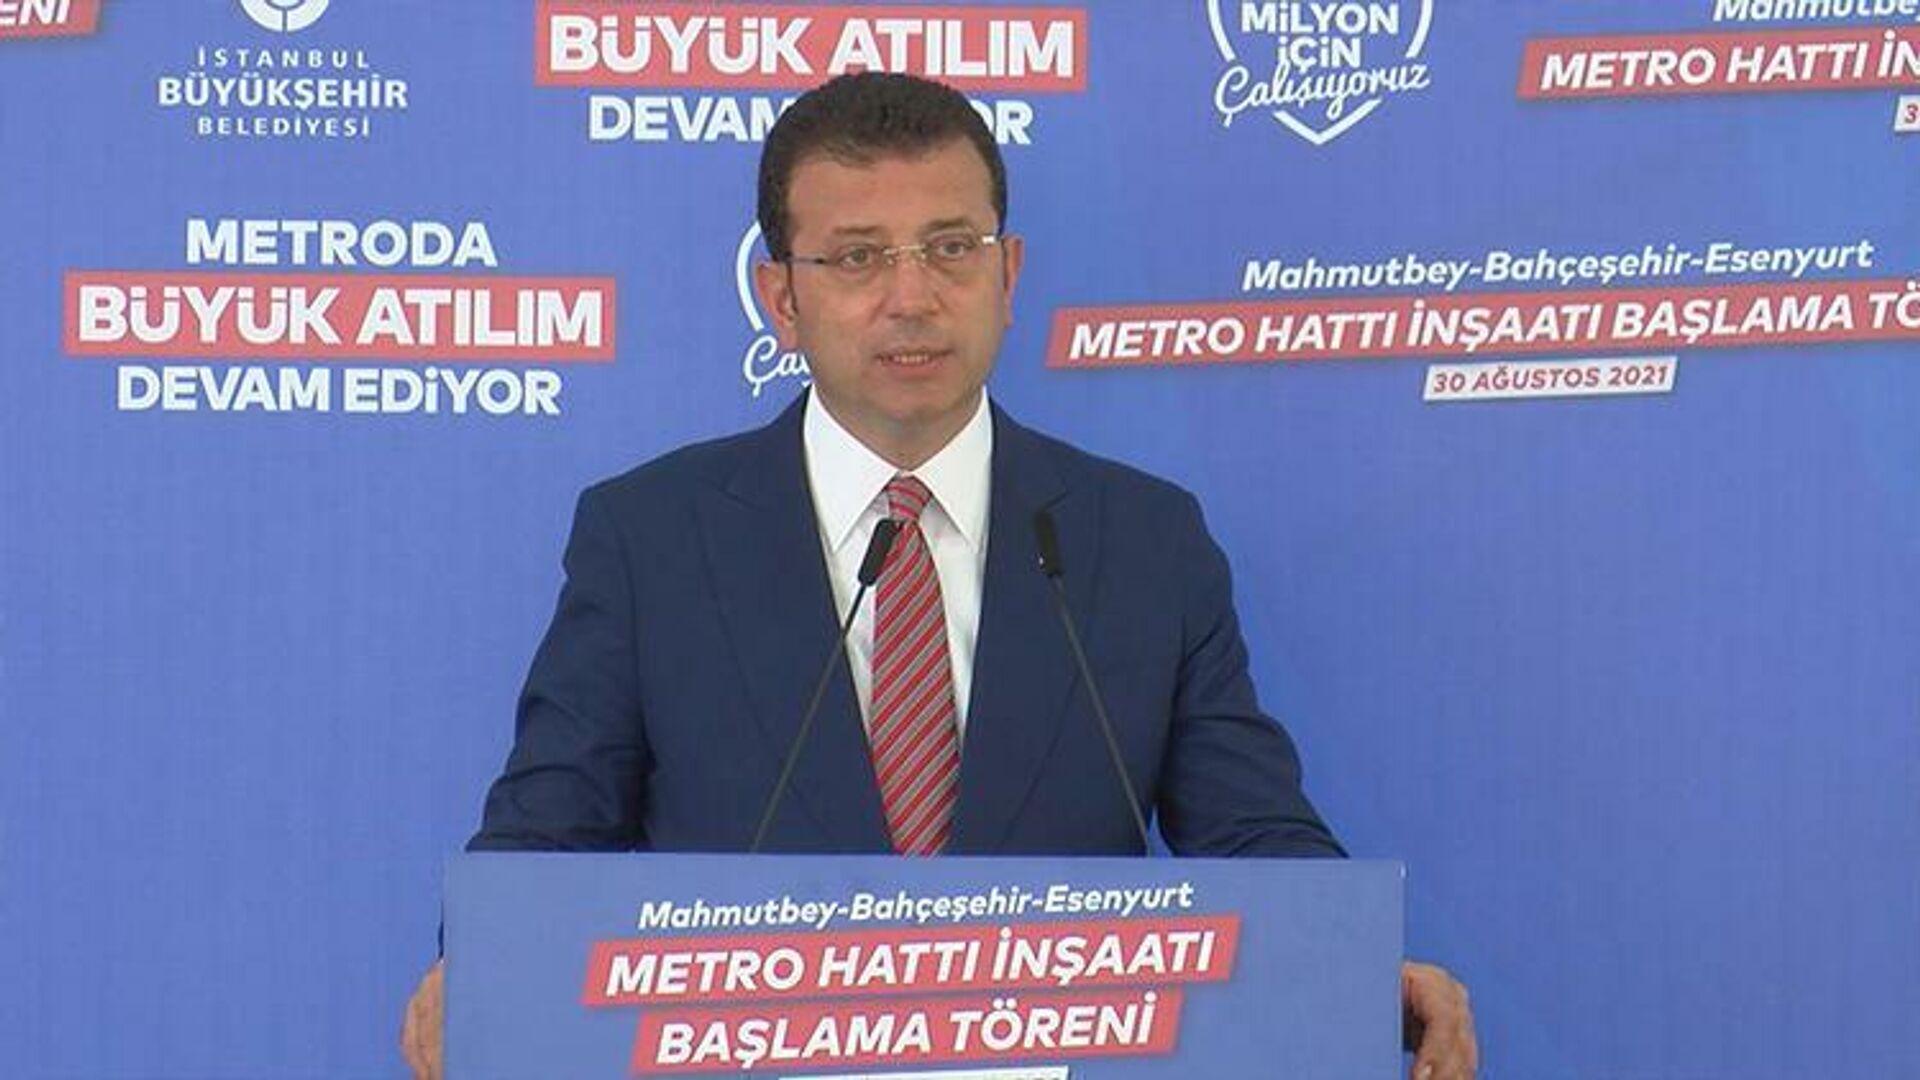 İmamoğlu: Bağcılar-Esenyurt Metro Hattı günlük 1 buçuk milyona yakın yolcuya hizmet edecek - Sputnik Türkiye, 1920, 30.08.2021